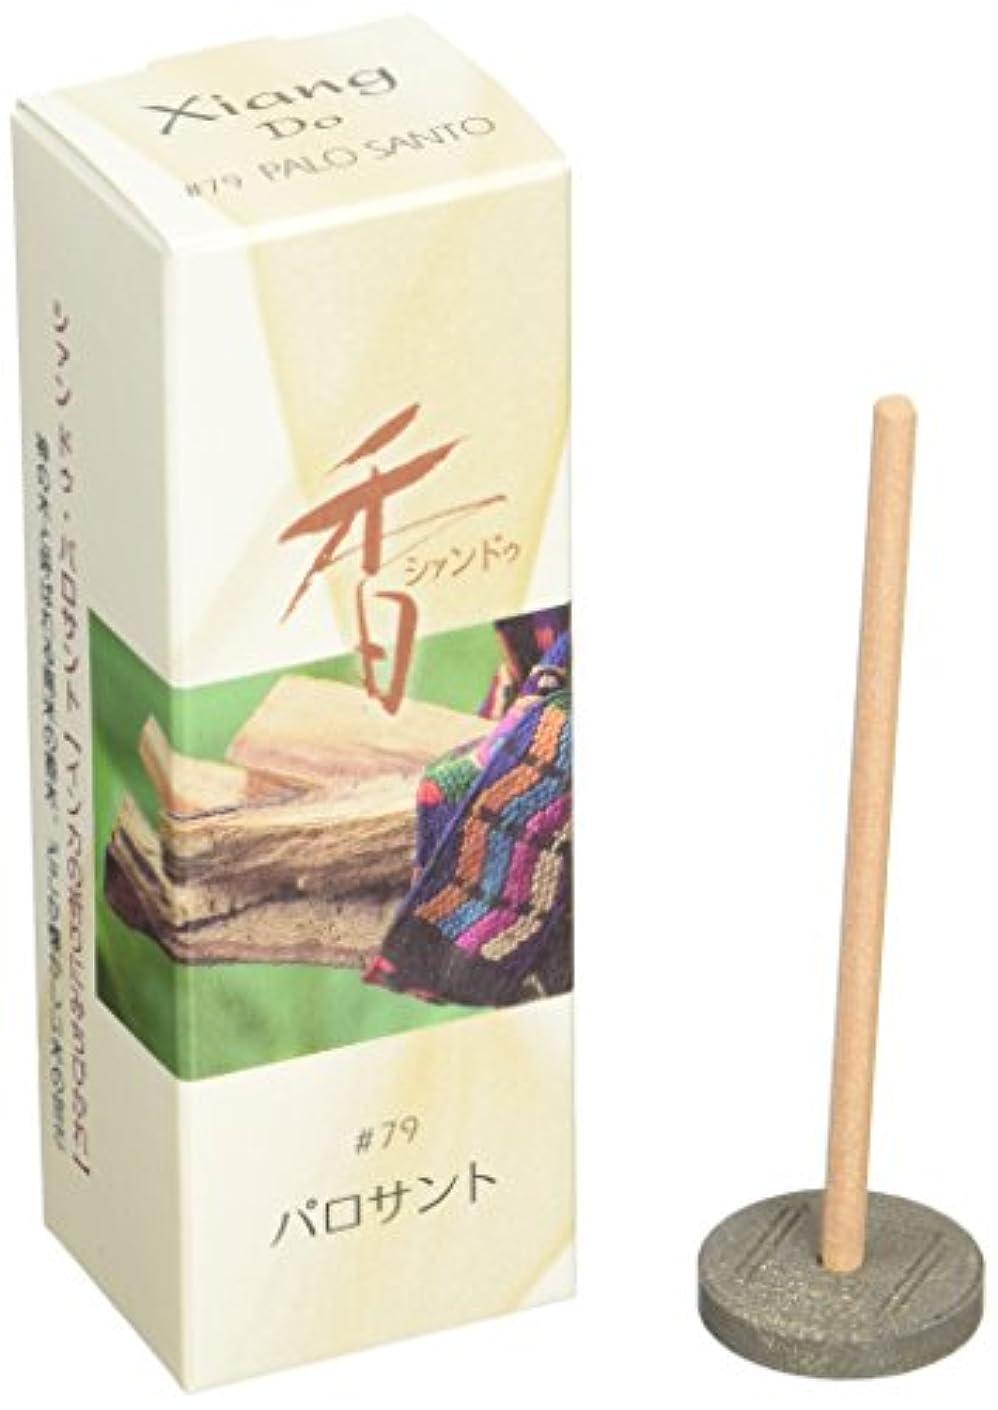 割り当てる姿勢調整可能松栄堂のお香 Xiang Do パロサント ST20本入 簡易香立付 #214279